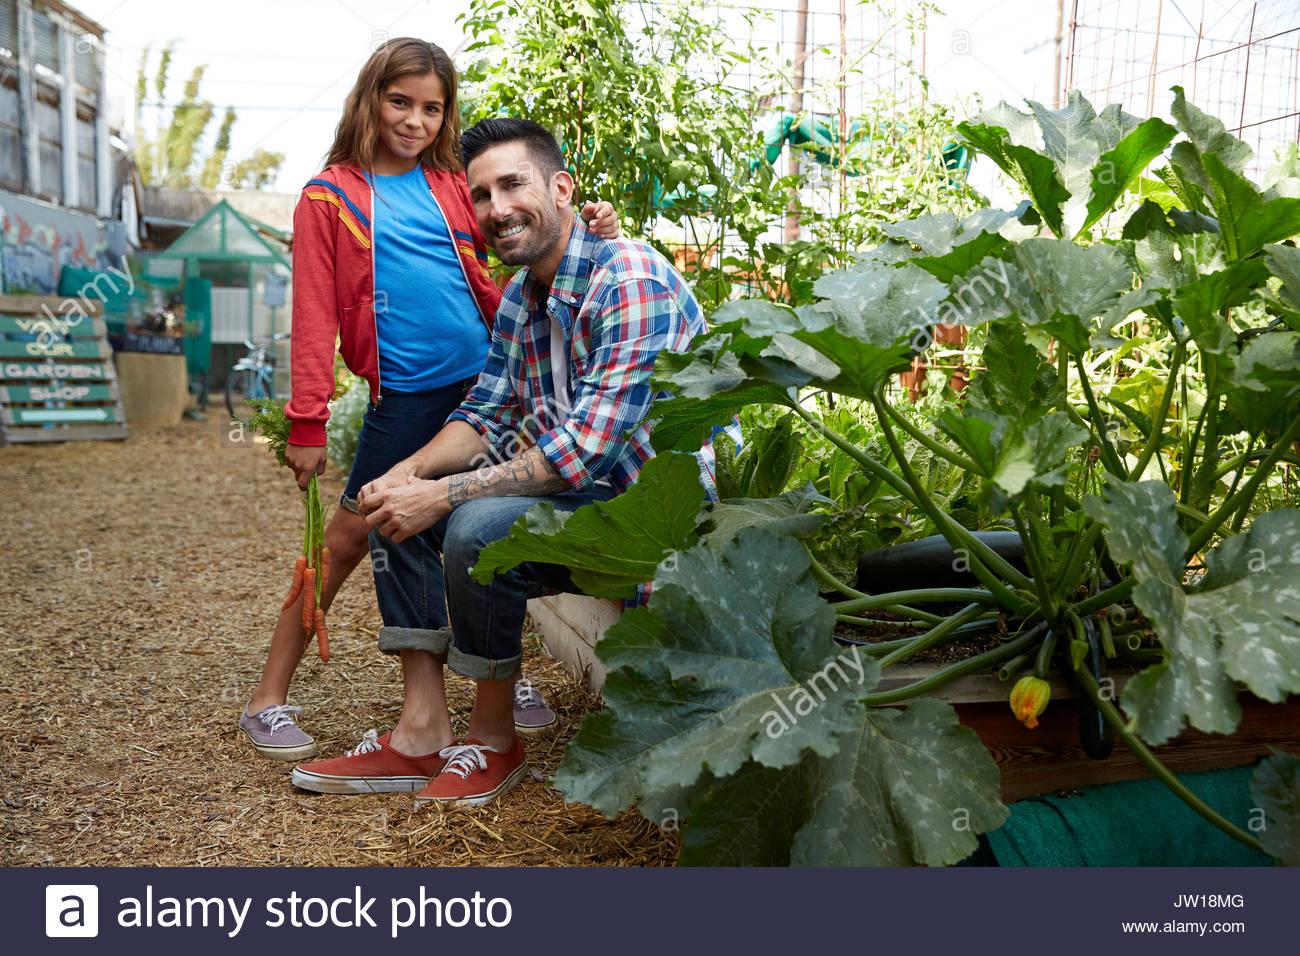 Ritratto sorridente padre e figlia in giardino Immagini Stock